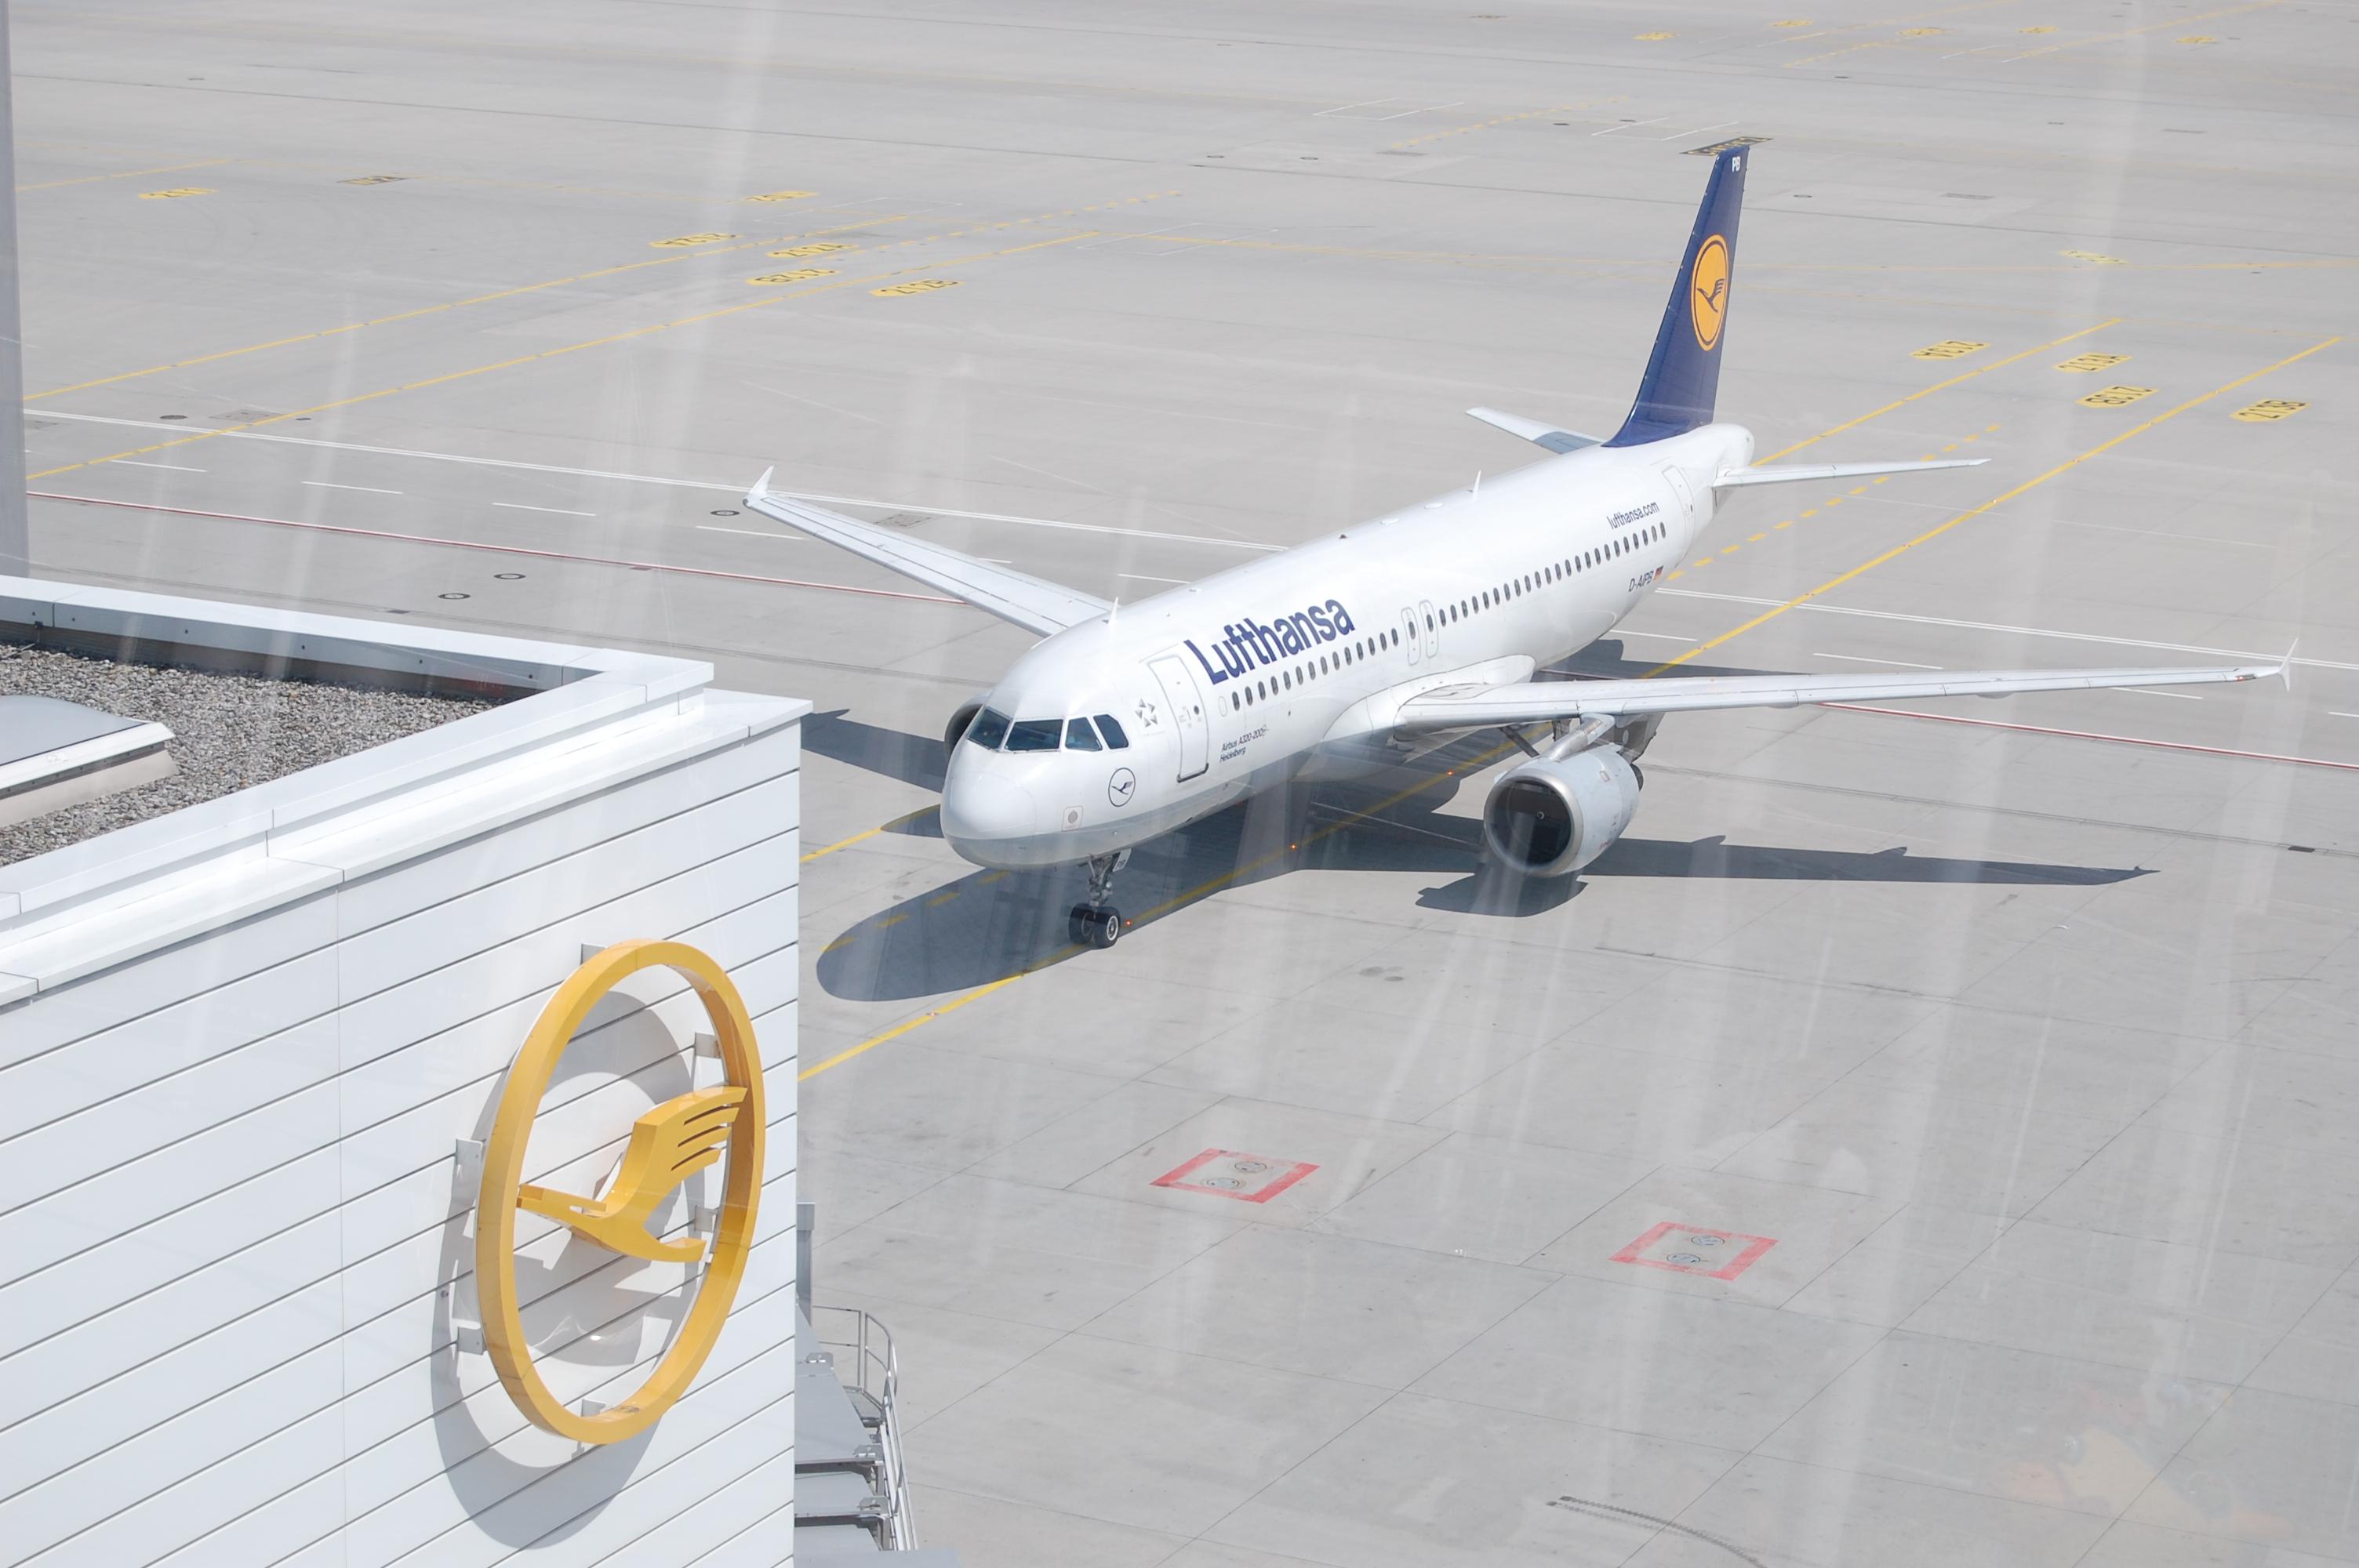 Bis Ende des Jahres 6 anstatt 4 Meilen pro Euro bei der Lufthansa sammeln!